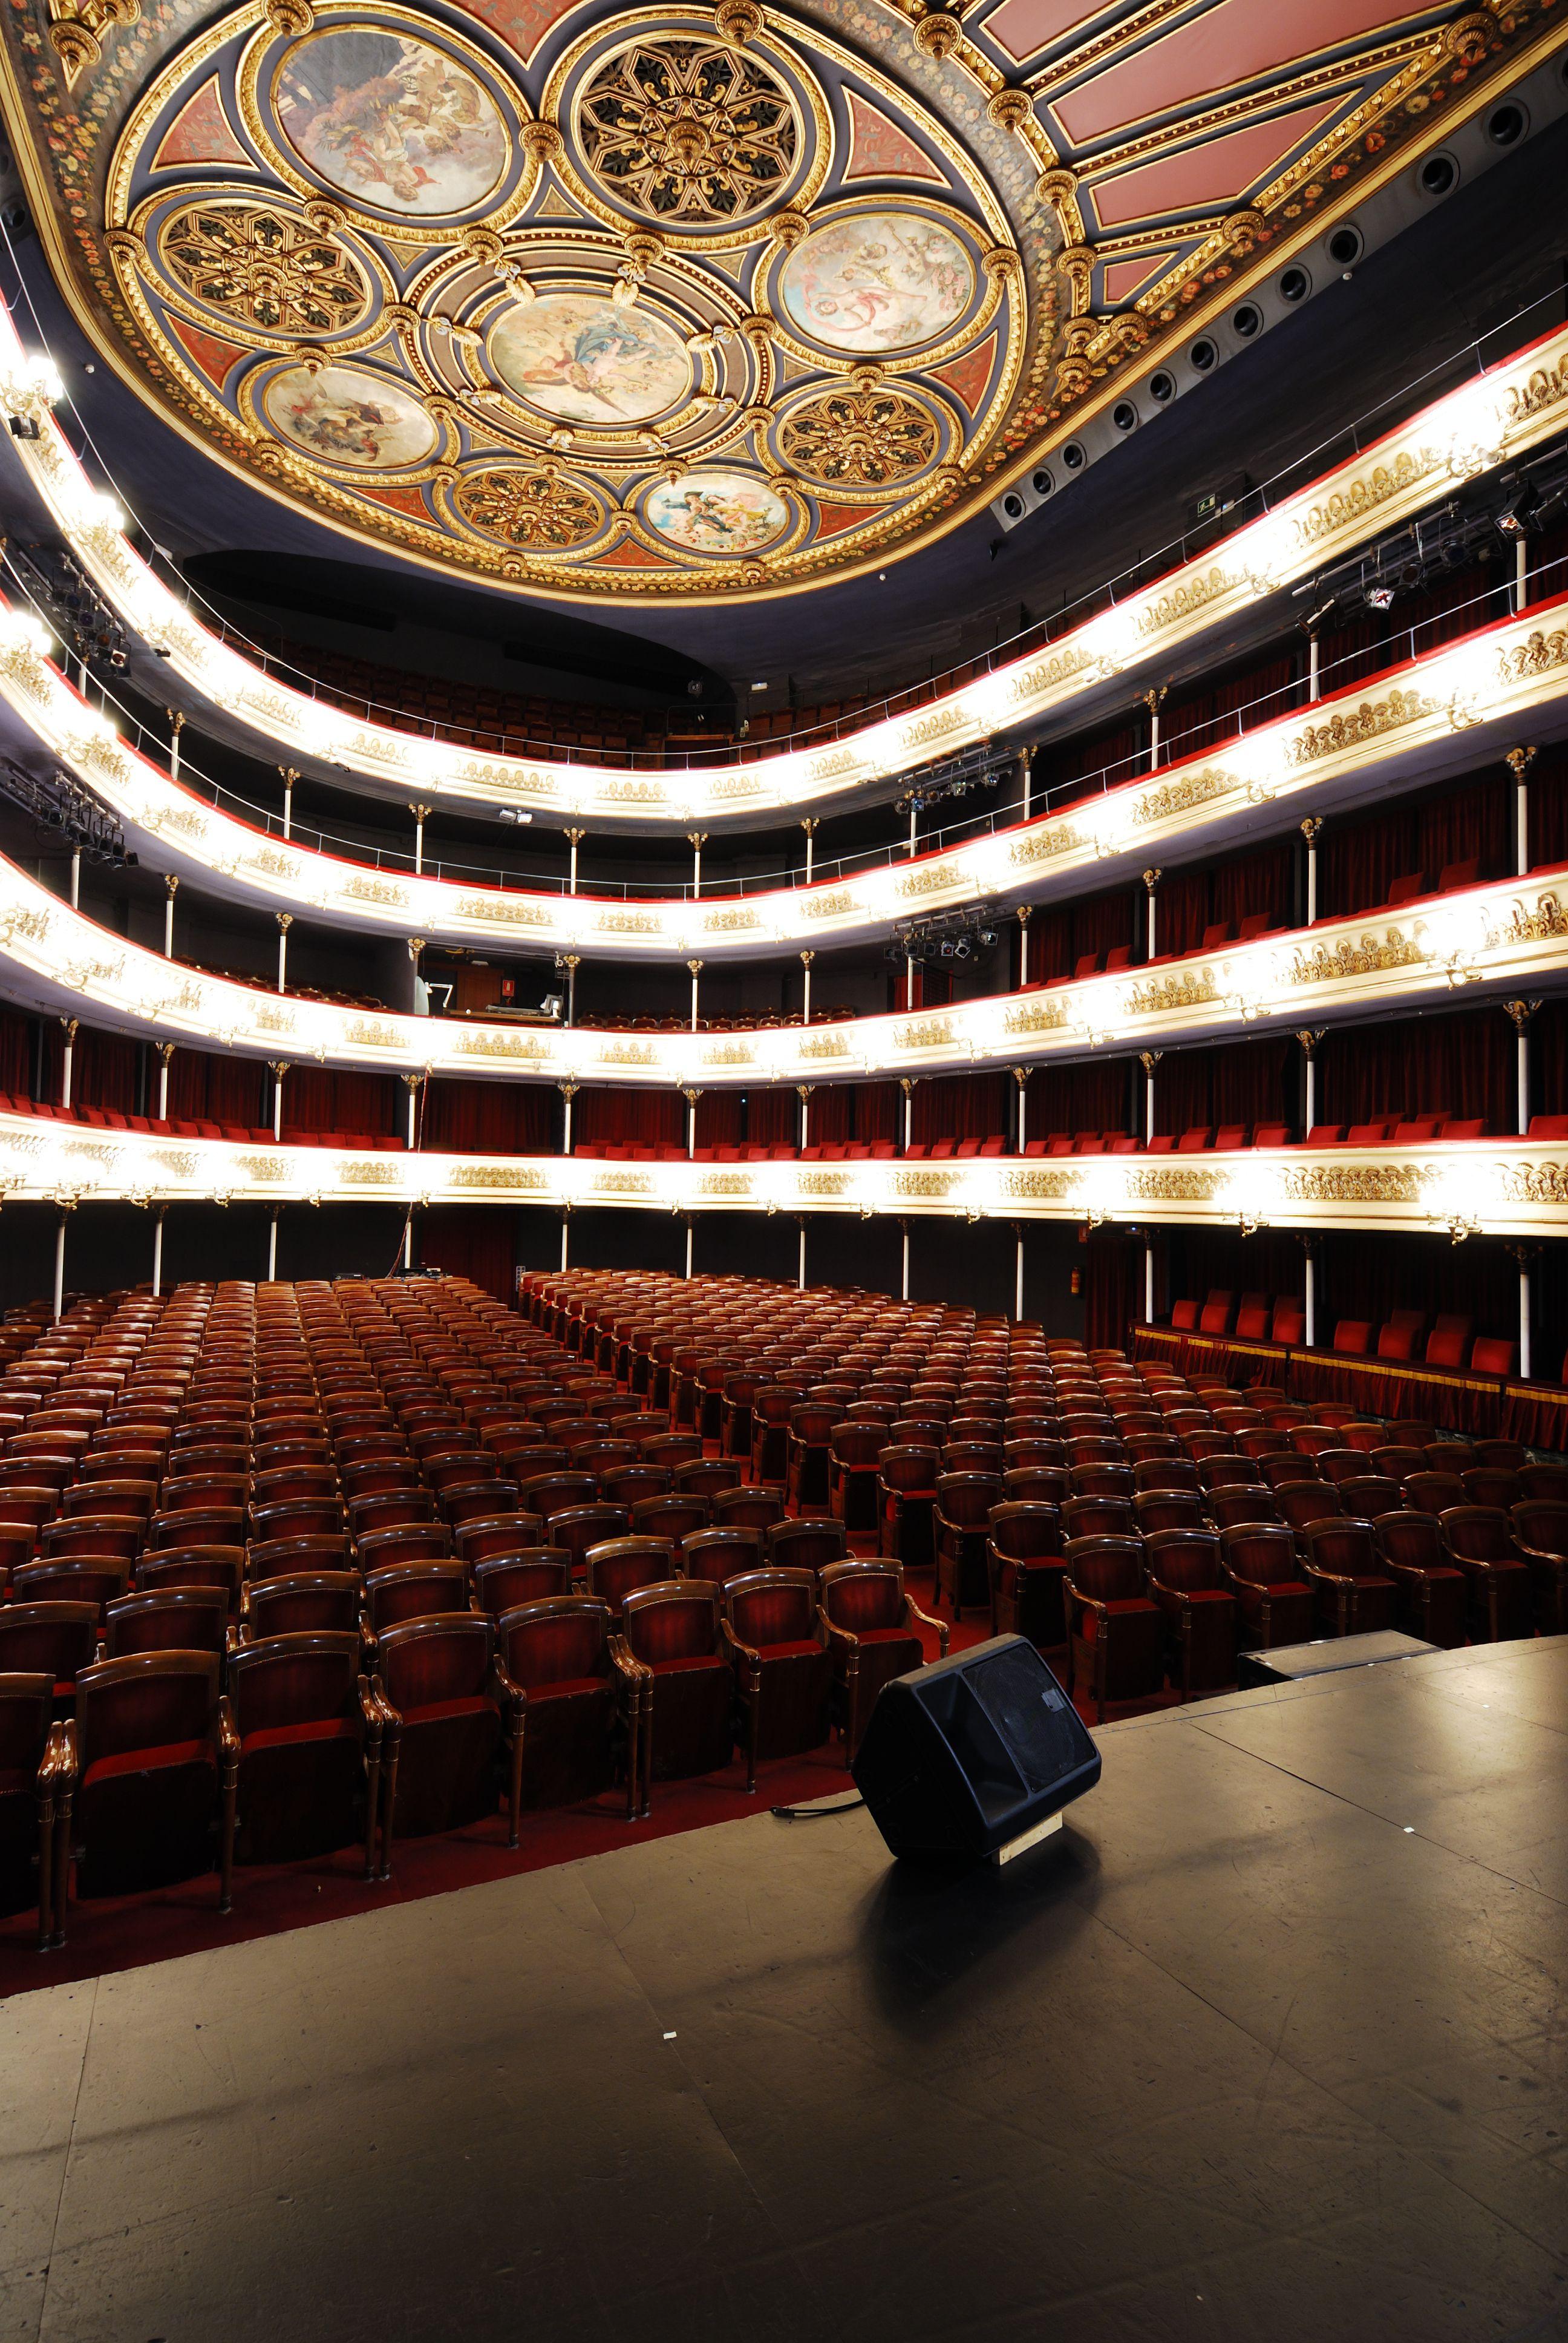 Teatro principal zaragoza vah estudio de fotograf a fotograf a de arquitectura opera - Estudio arquitectura zaragoza ...